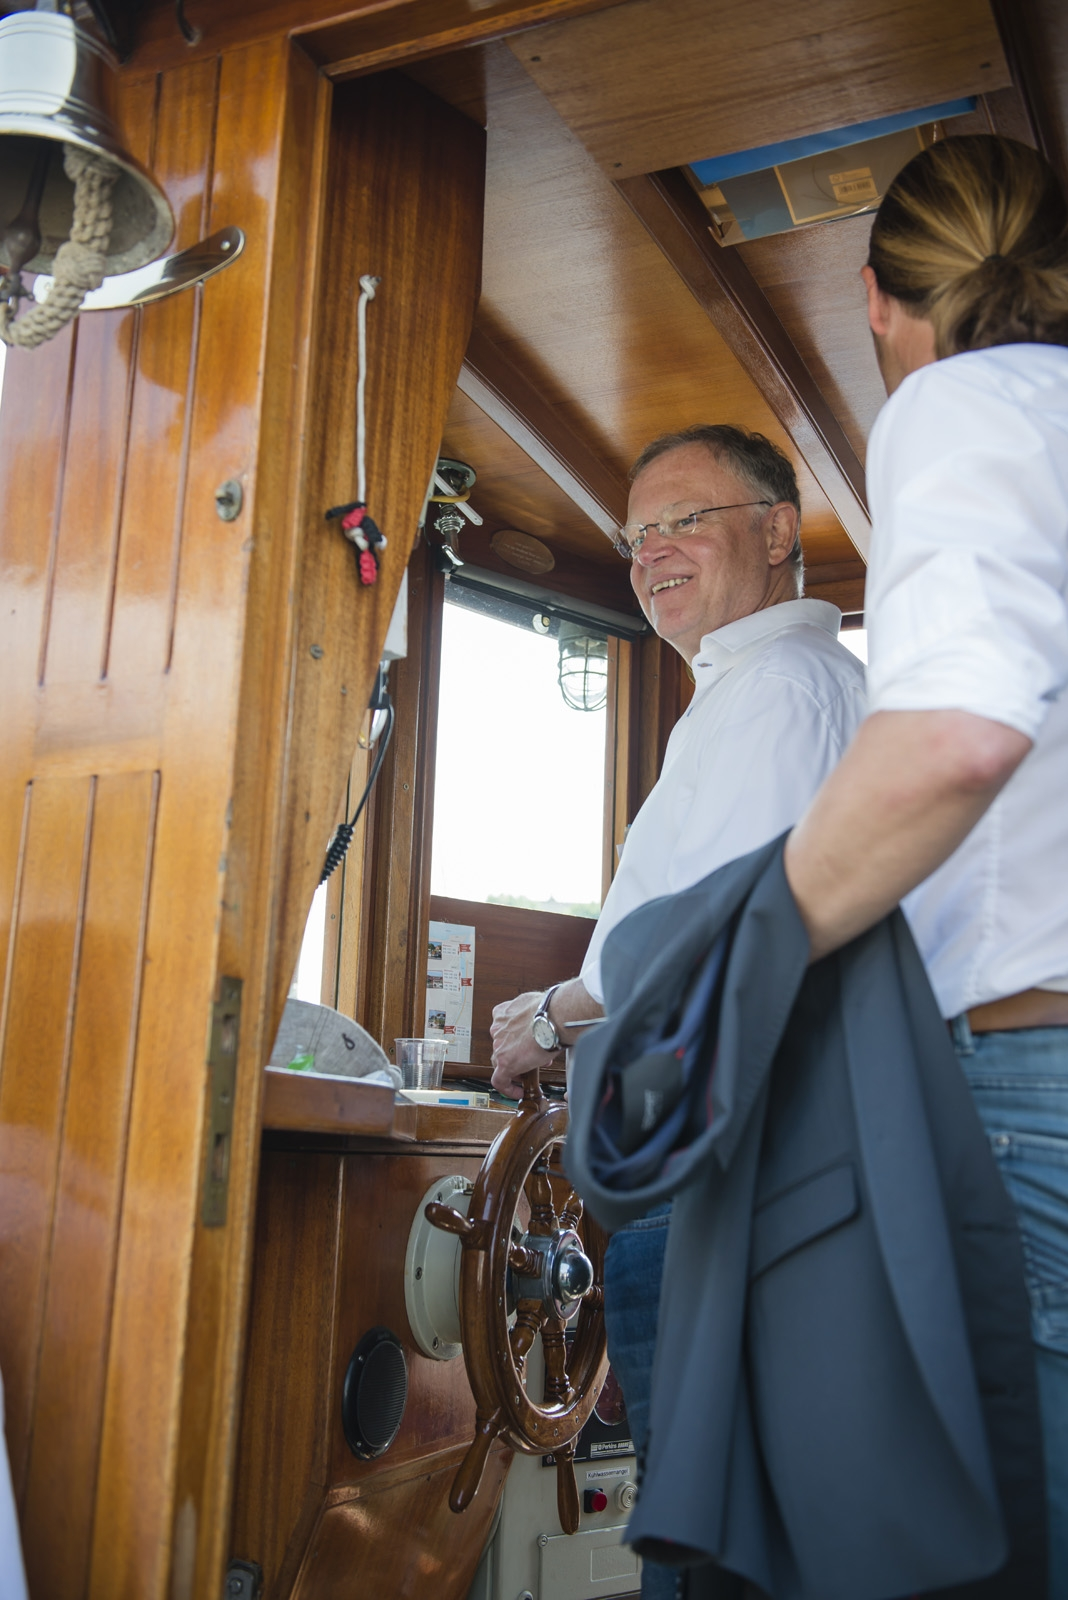 Zusammen mit dem Kapitän am Steuer des Raddampfers Concordia II auf der Harle